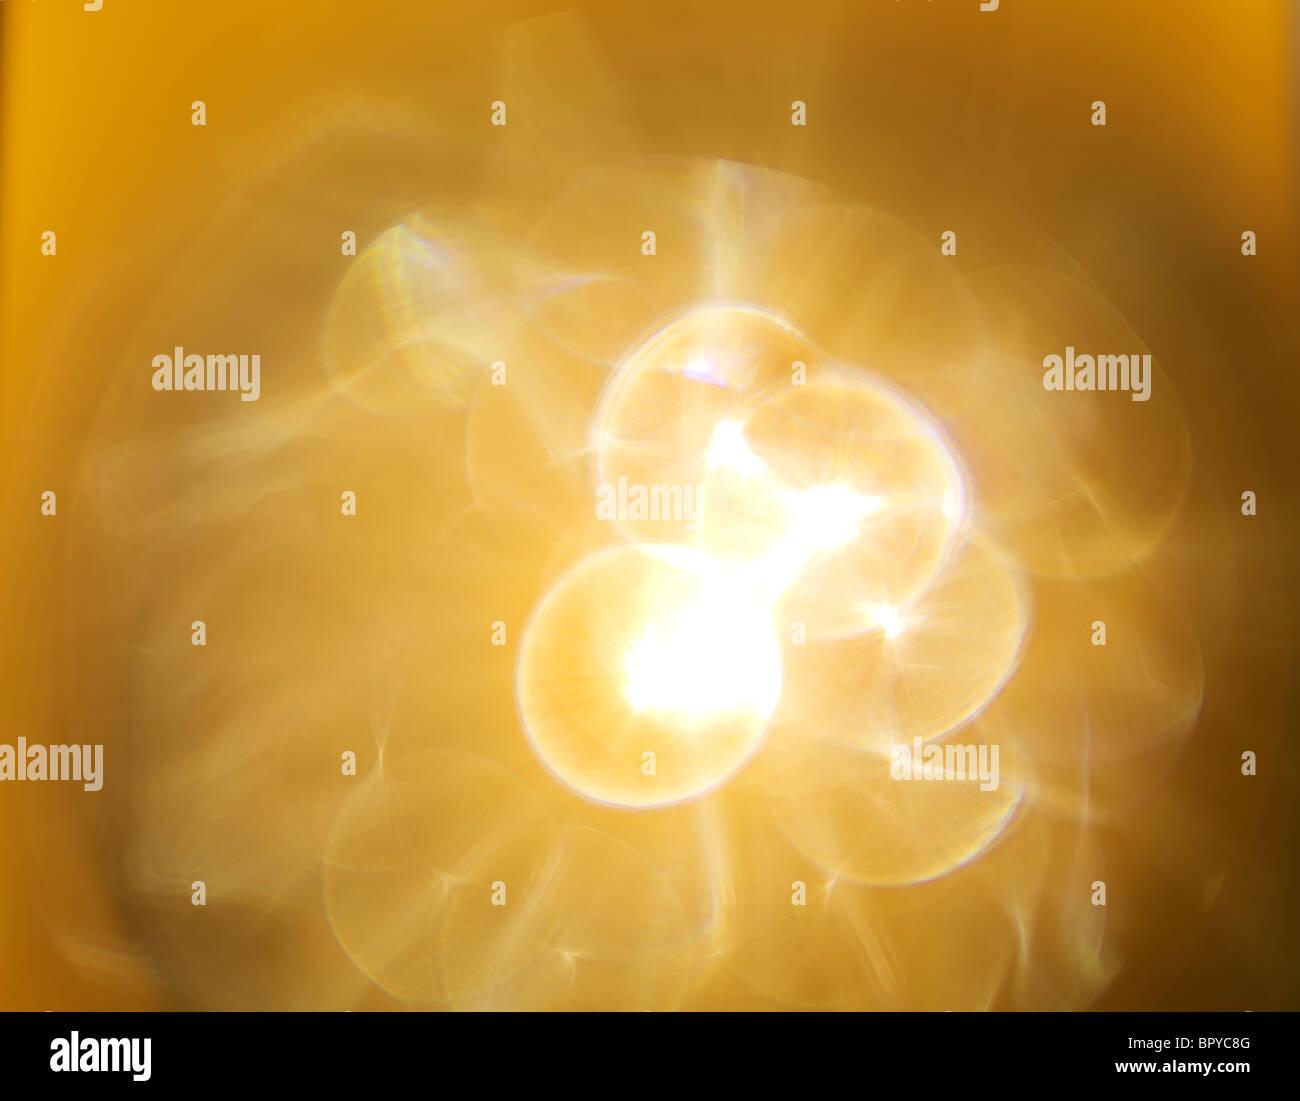 Objektiv Flare gelbe Sterne platzen Licht, das die nebulöse Gefühl schafft Stockbild